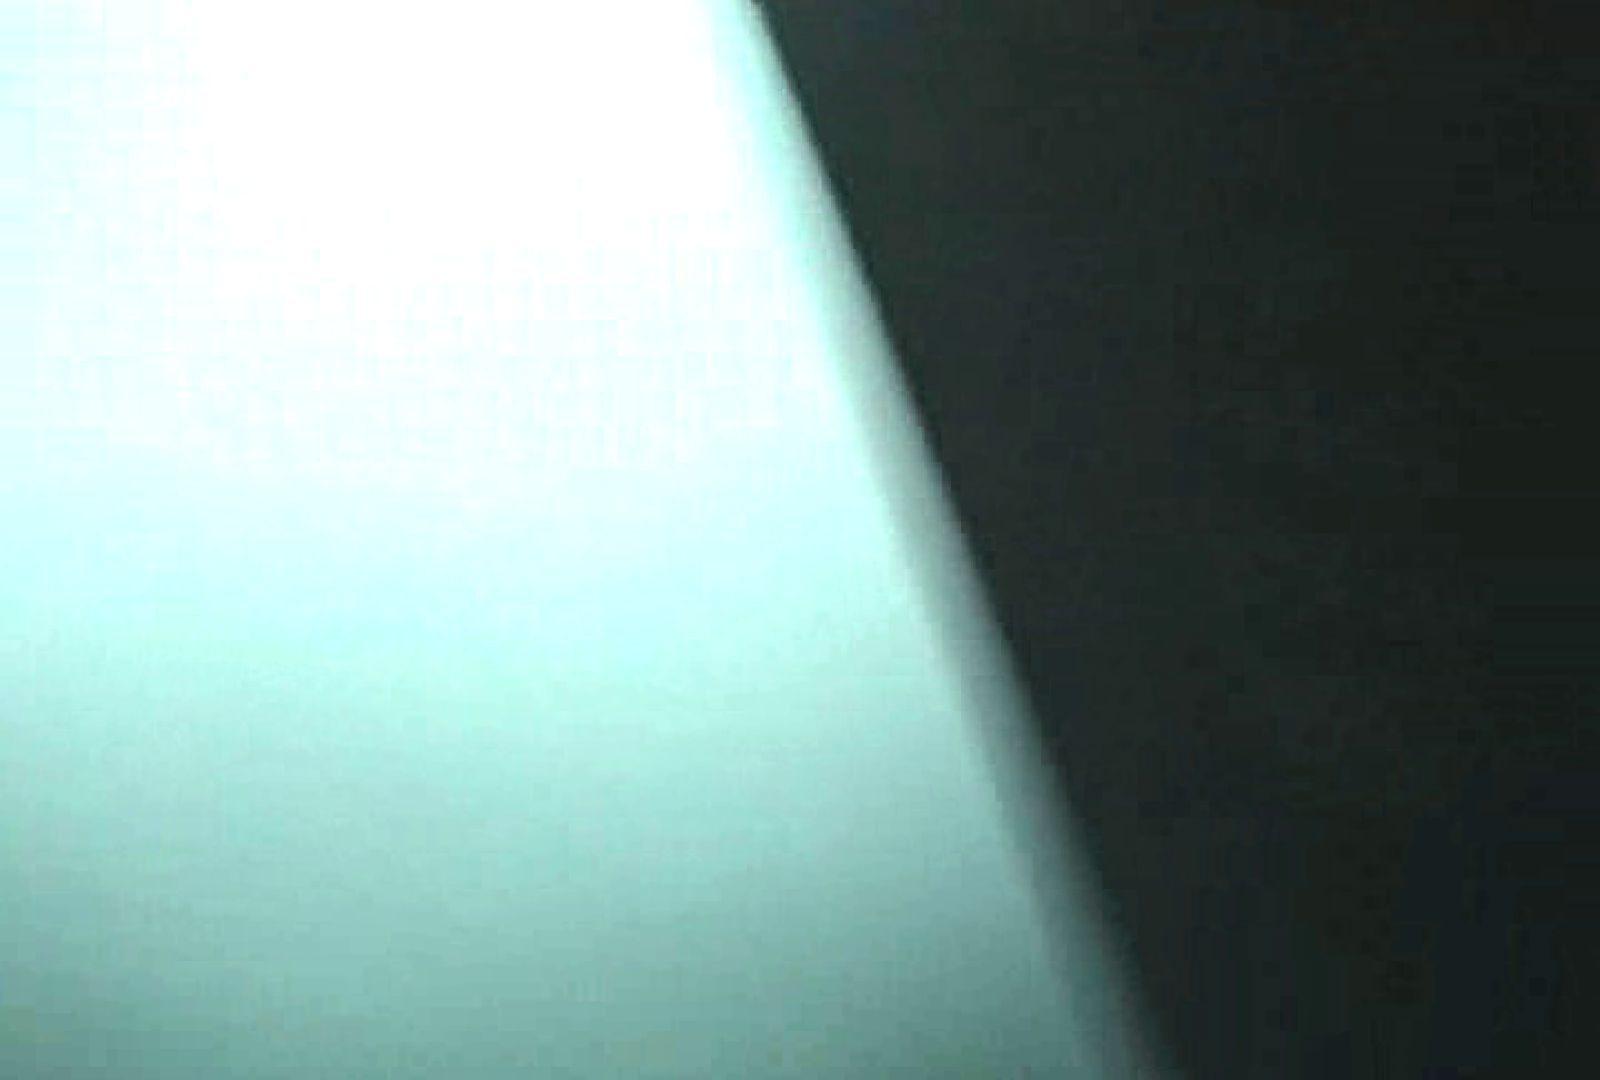 充血監督の深夜の運動会Vol.42 エロティックなOL エロ画像 55画像 2